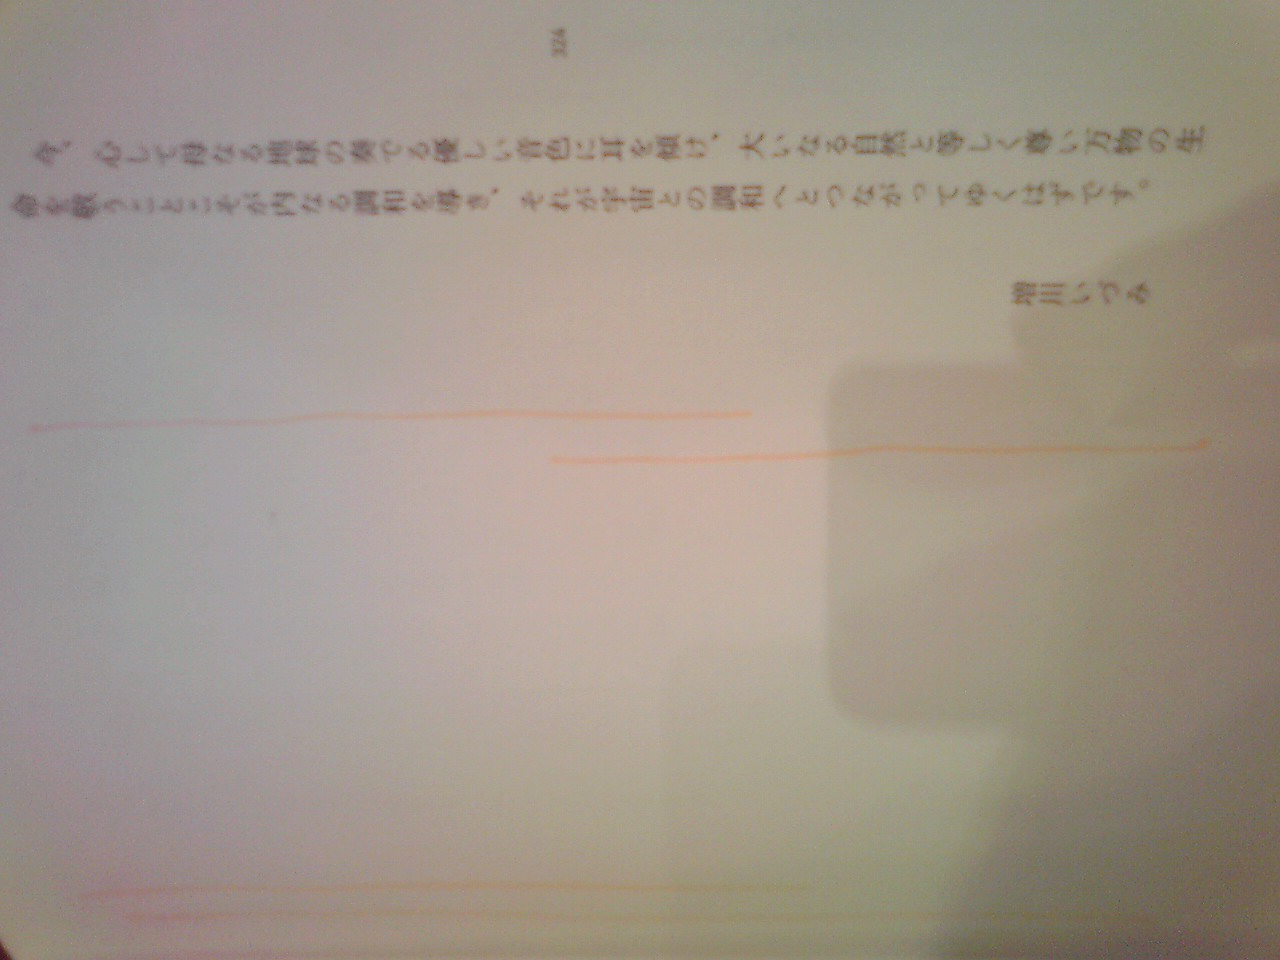 f:id:uta_stream:20191221182416j:plain